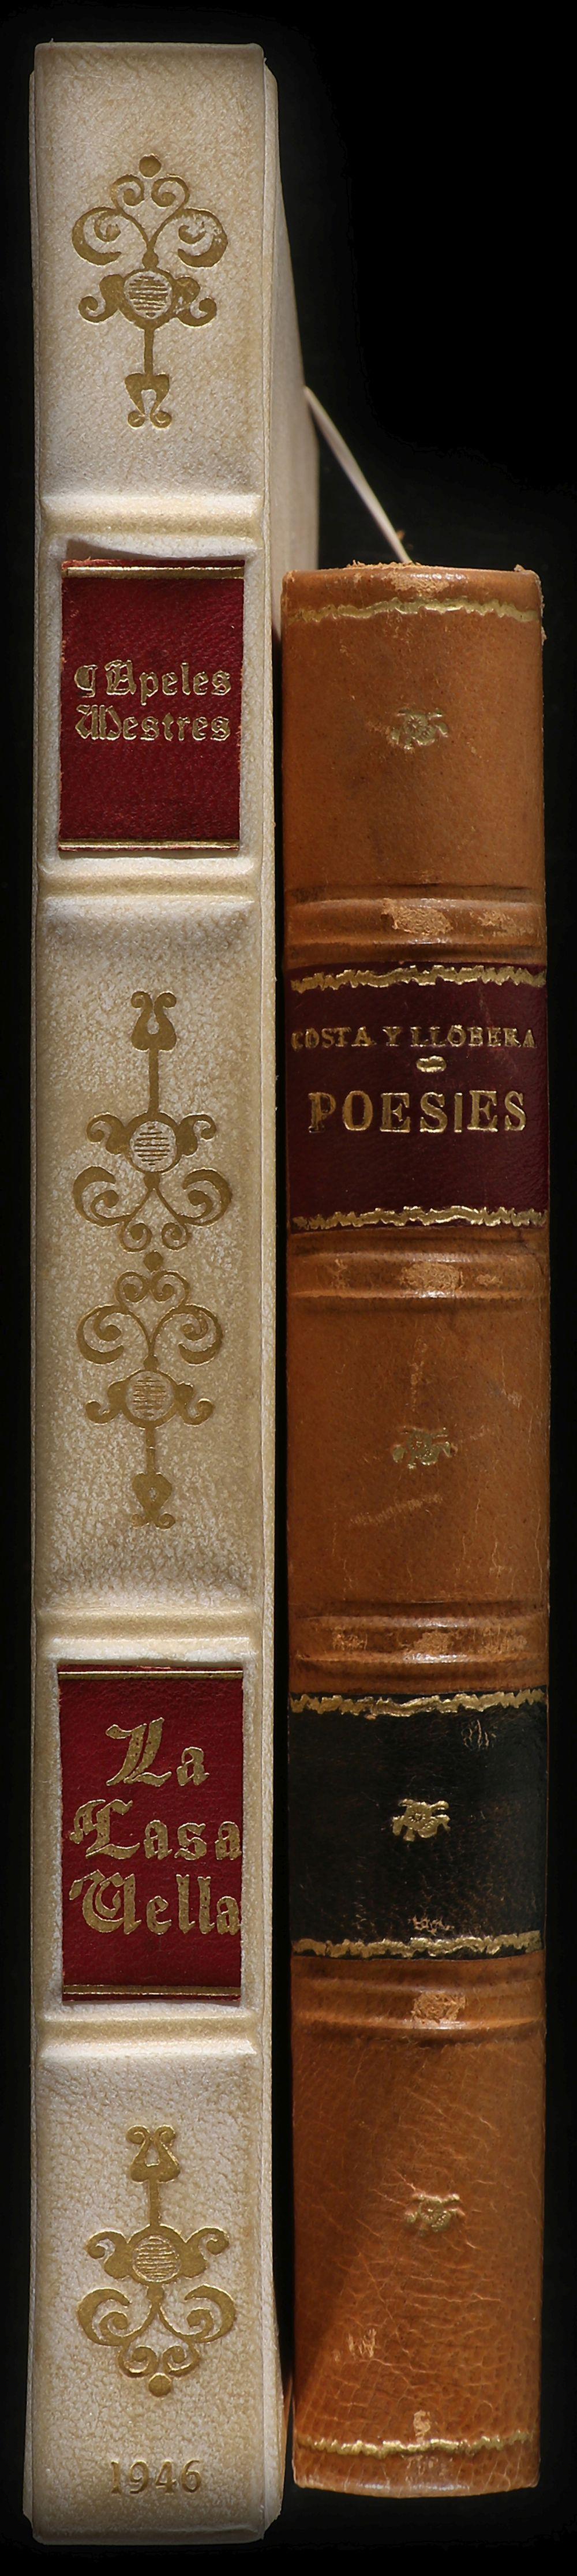 1907. LIBRO: (LITERATURA CATALANA). COSTA Y LLOBERA, MIQUEL: POESÍES. Barcelona: Gustau Gili, Editor